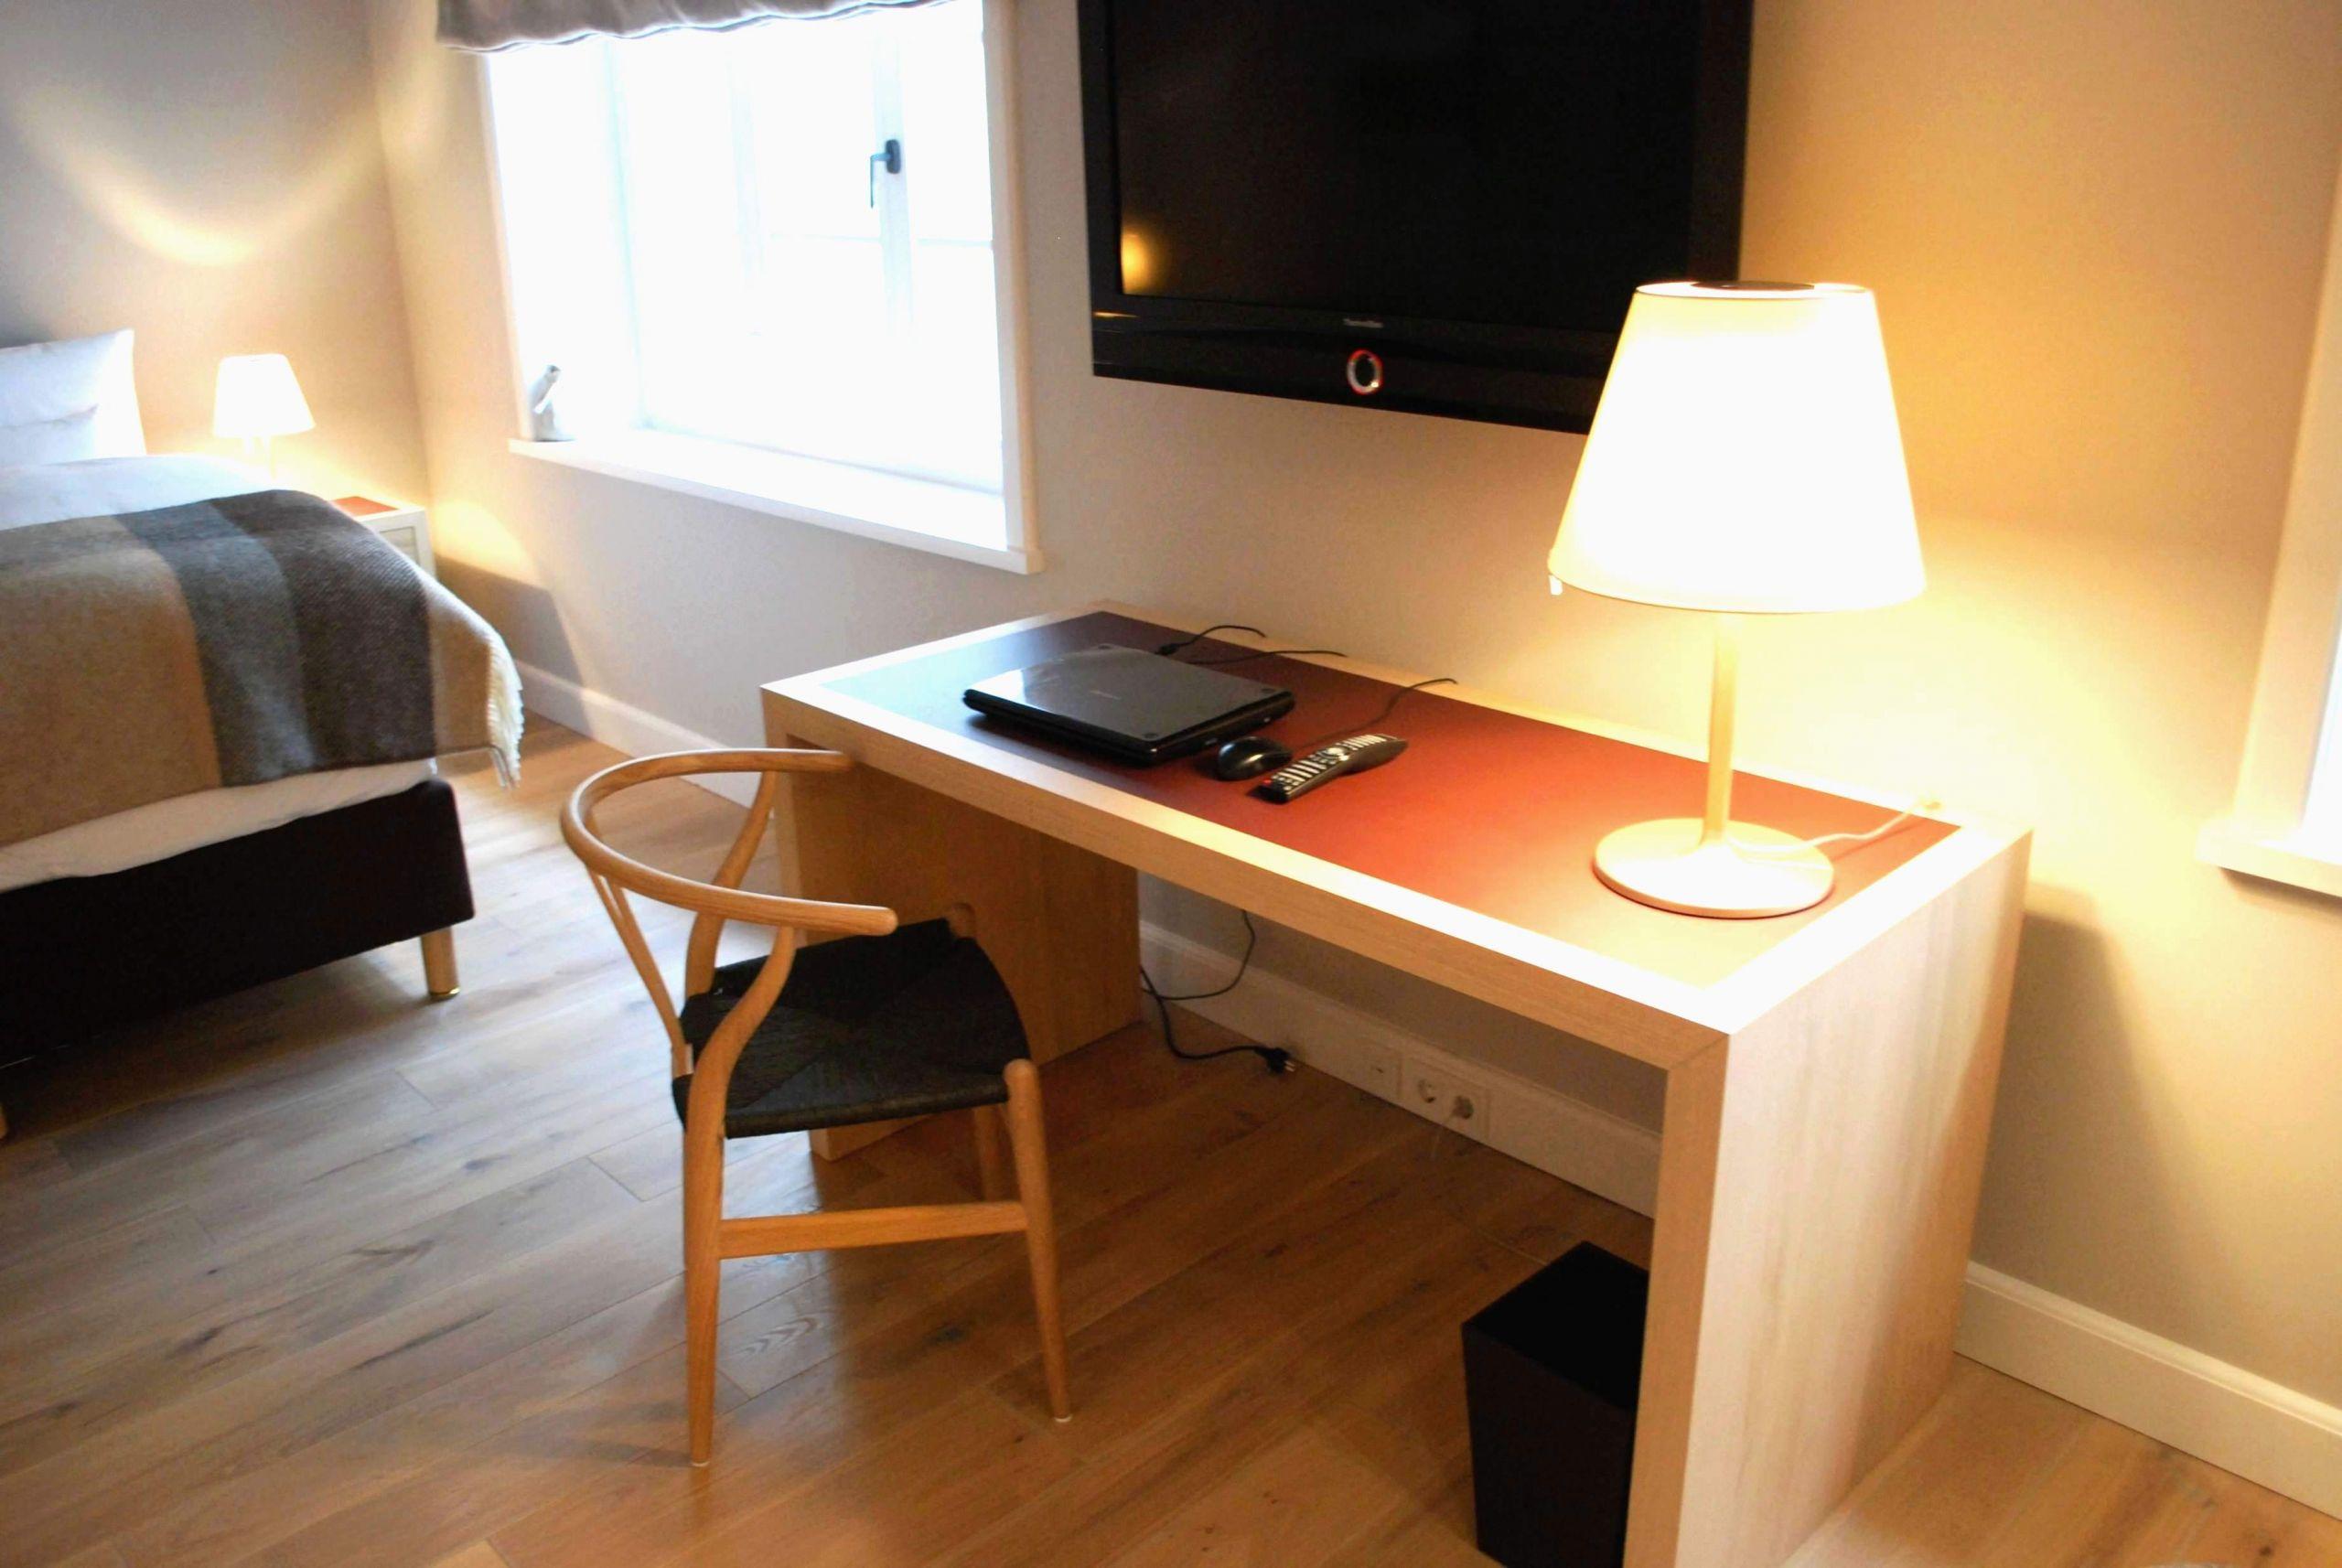 beste musikanlage wohnzimmer reizend 34 frisch beste musikanlage wohnzimmer elegant of beste musikanlage wohnzimmer scaled